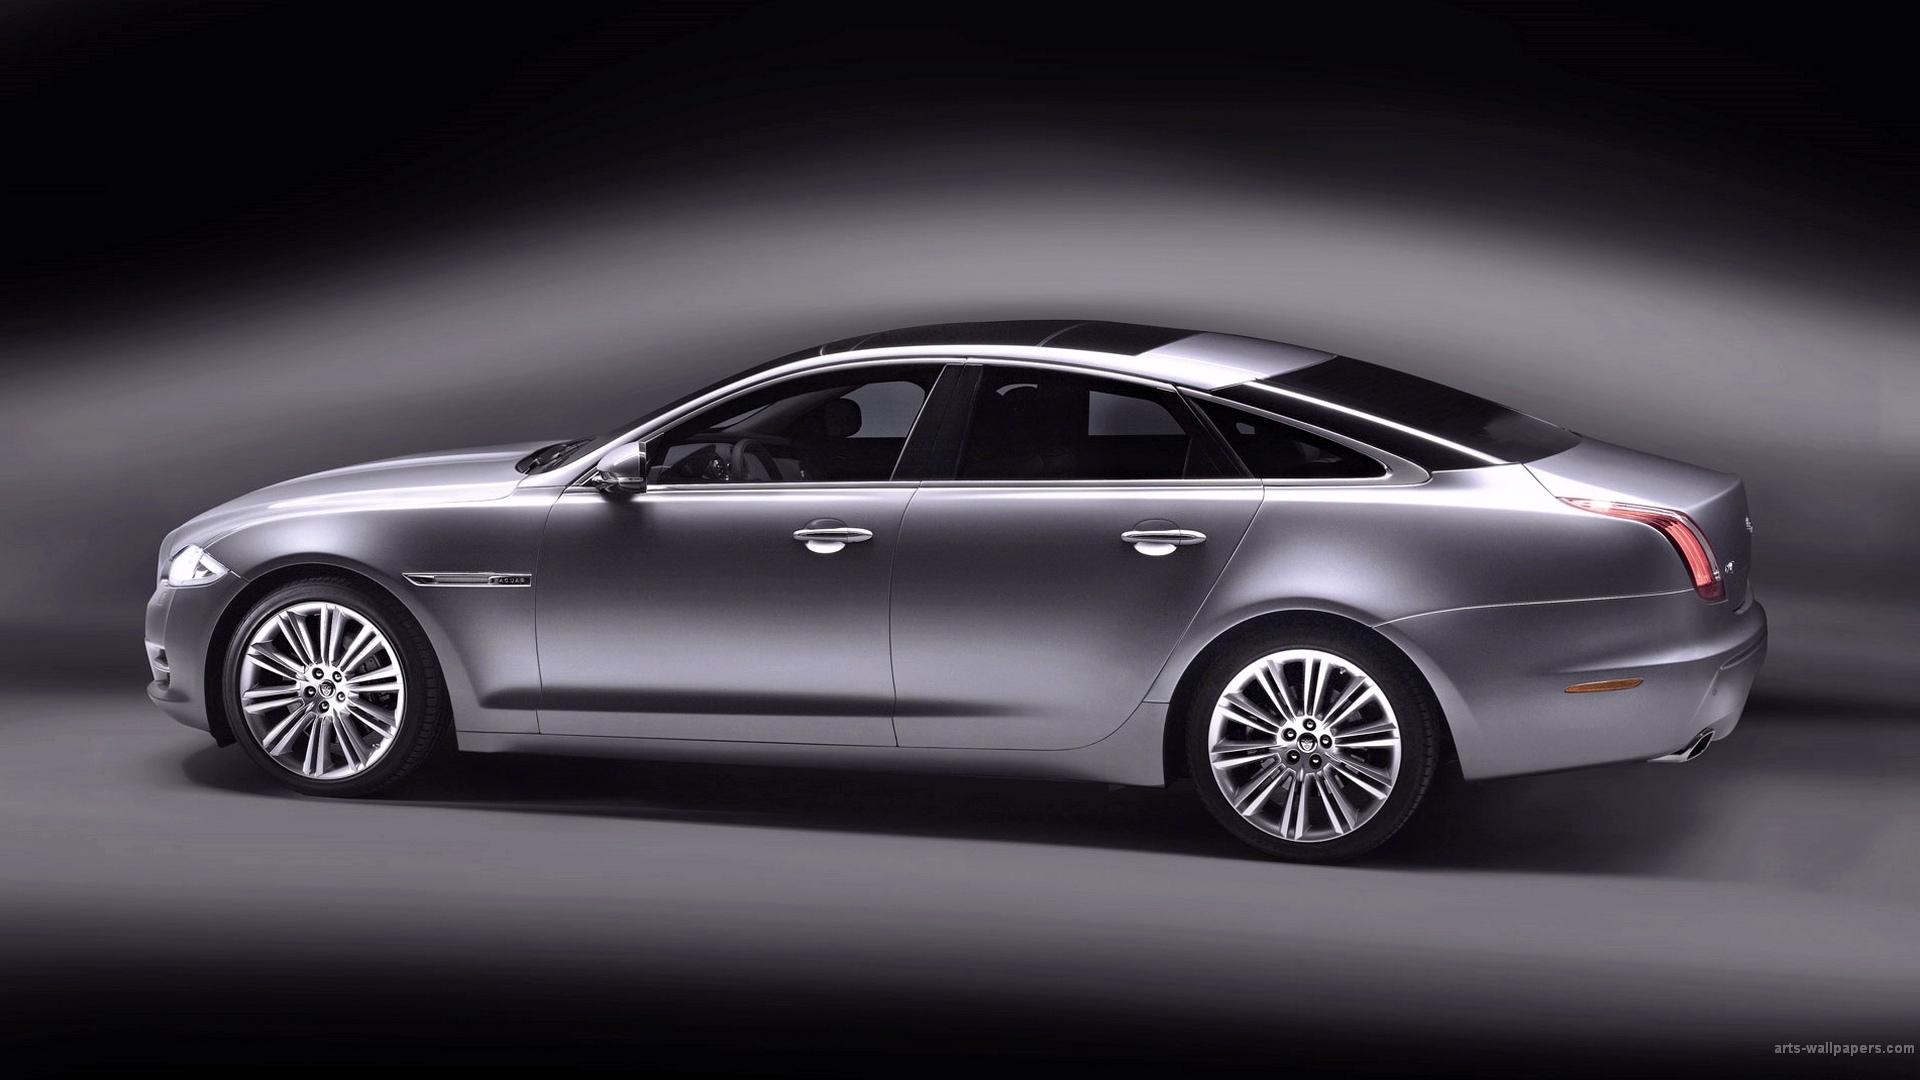 Download Jaguar Cars Full Hd Wallpapers 1080p Wallpaper Backgrounds